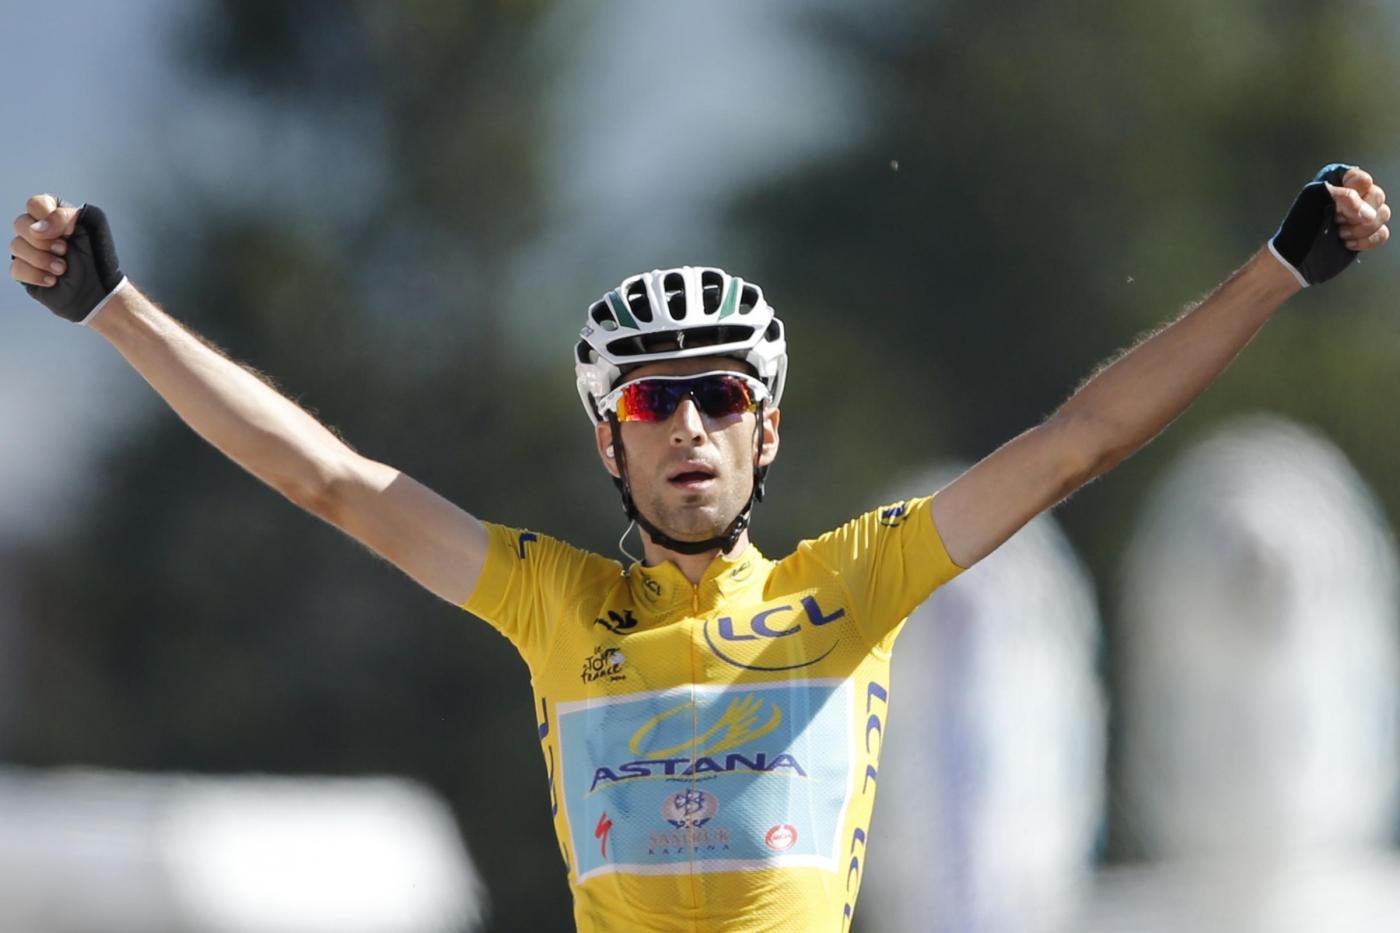 Tour de France 2014: strepitosa vittoria di Nibali sulle Alpi